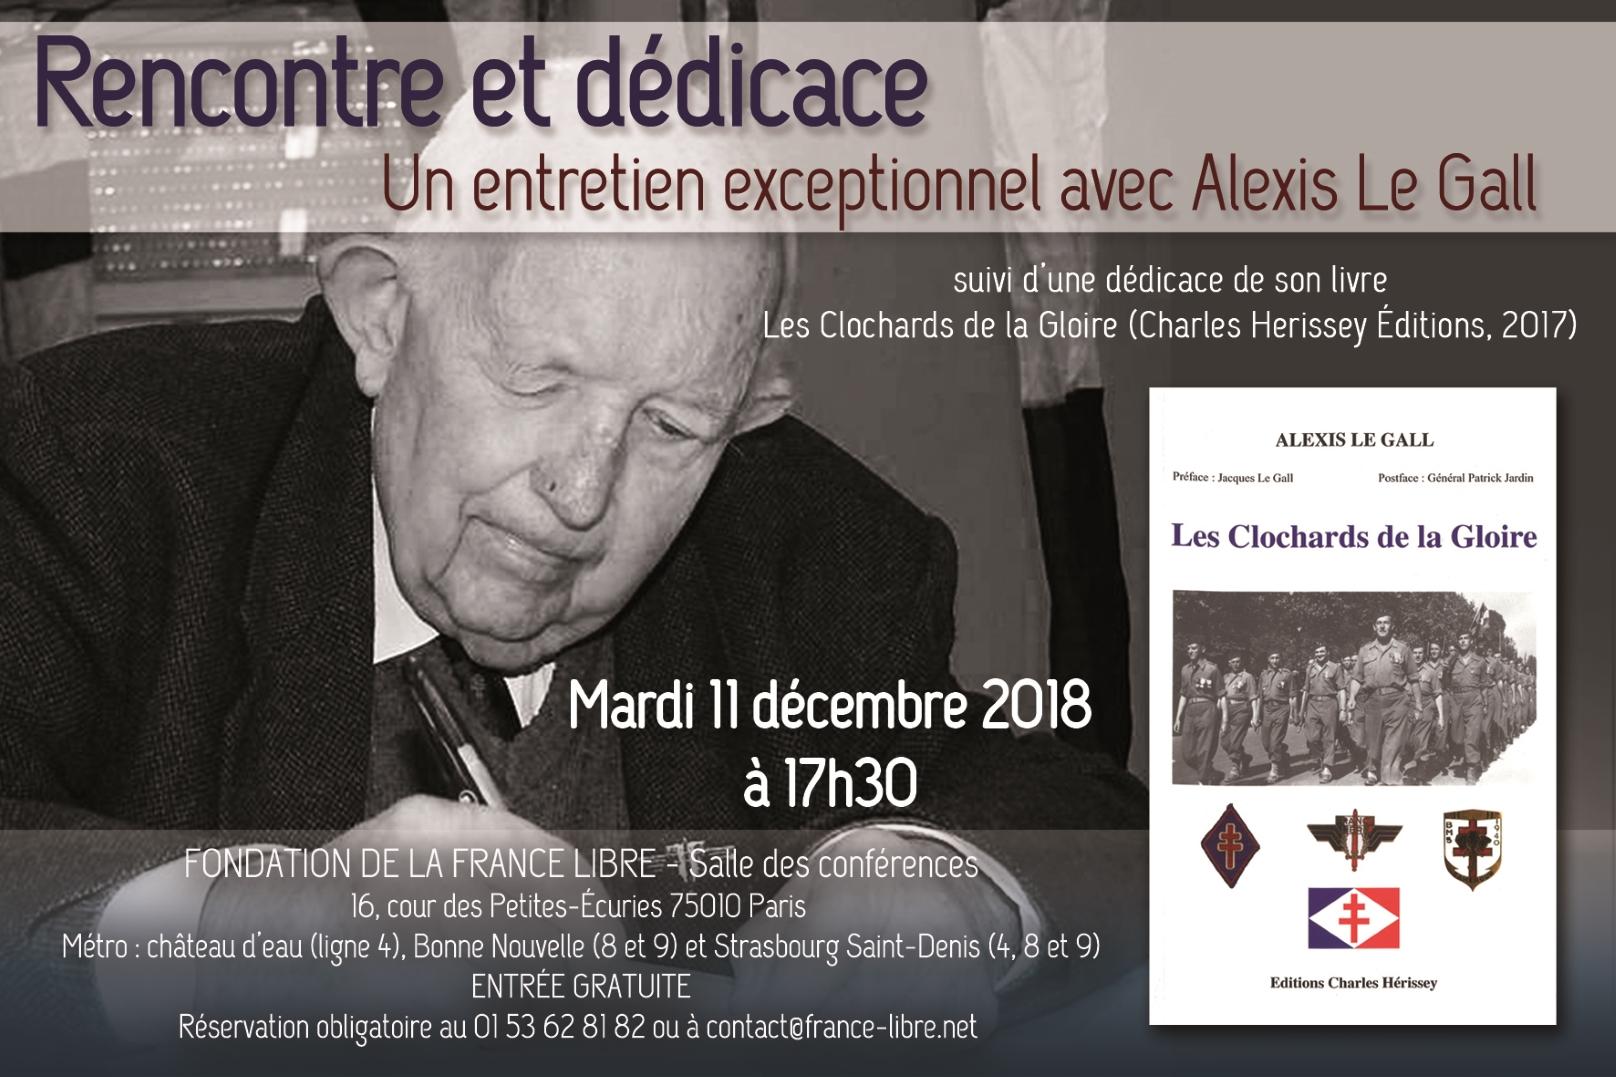 Rencontre-dédicace avec Alexis Le Gall